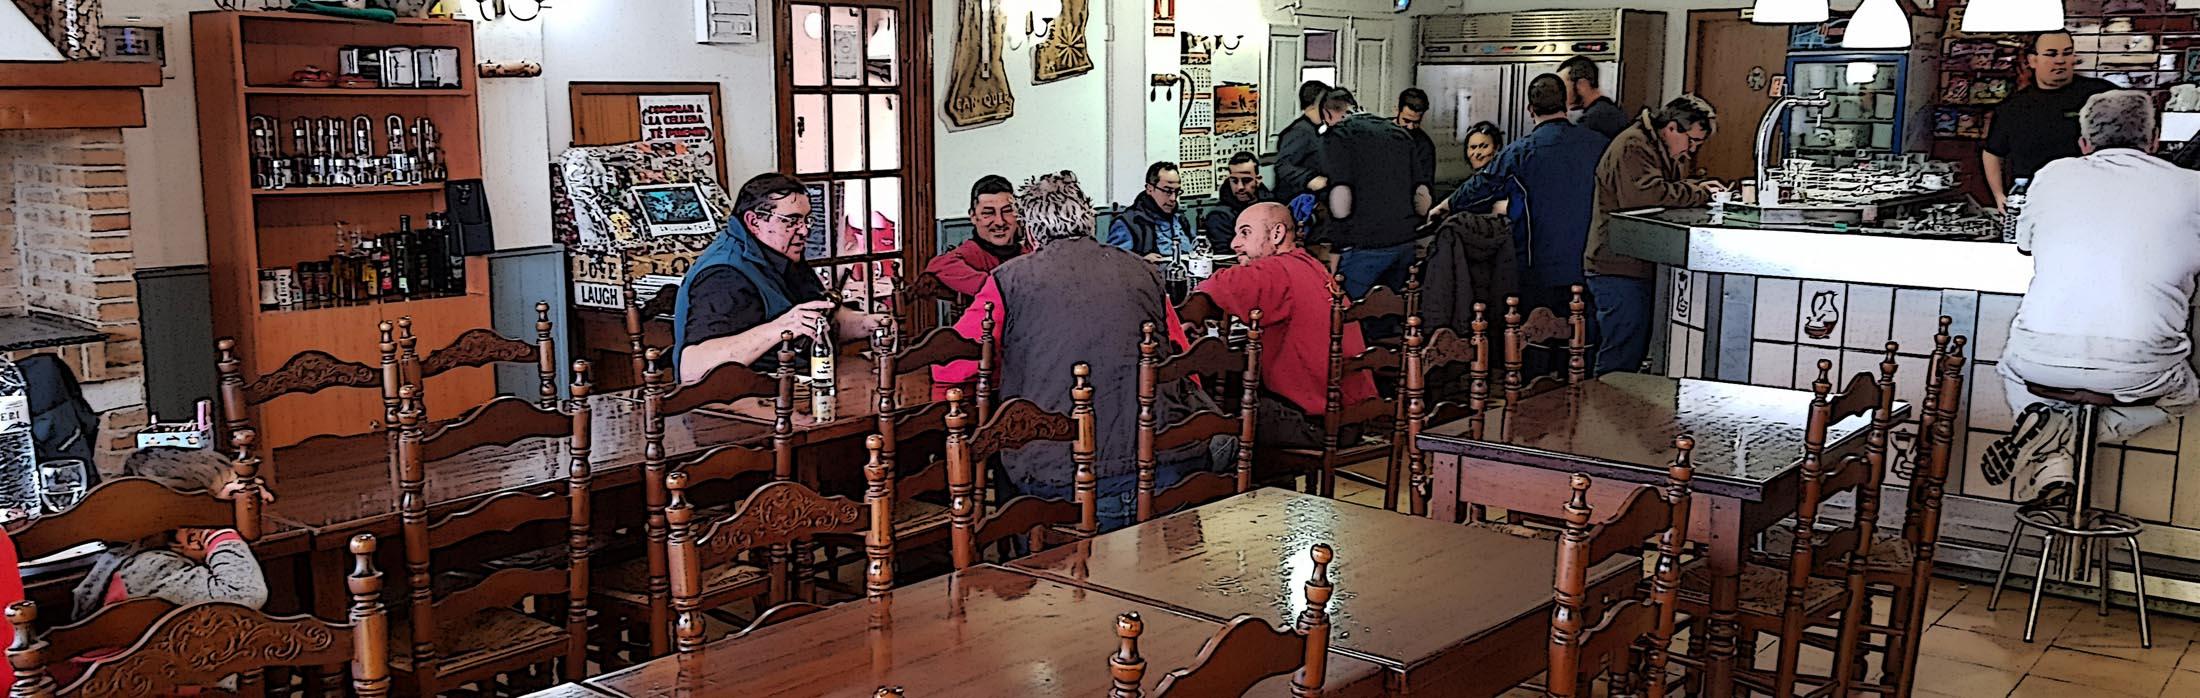 Restaurant Can Quer - El Pasteral (3)